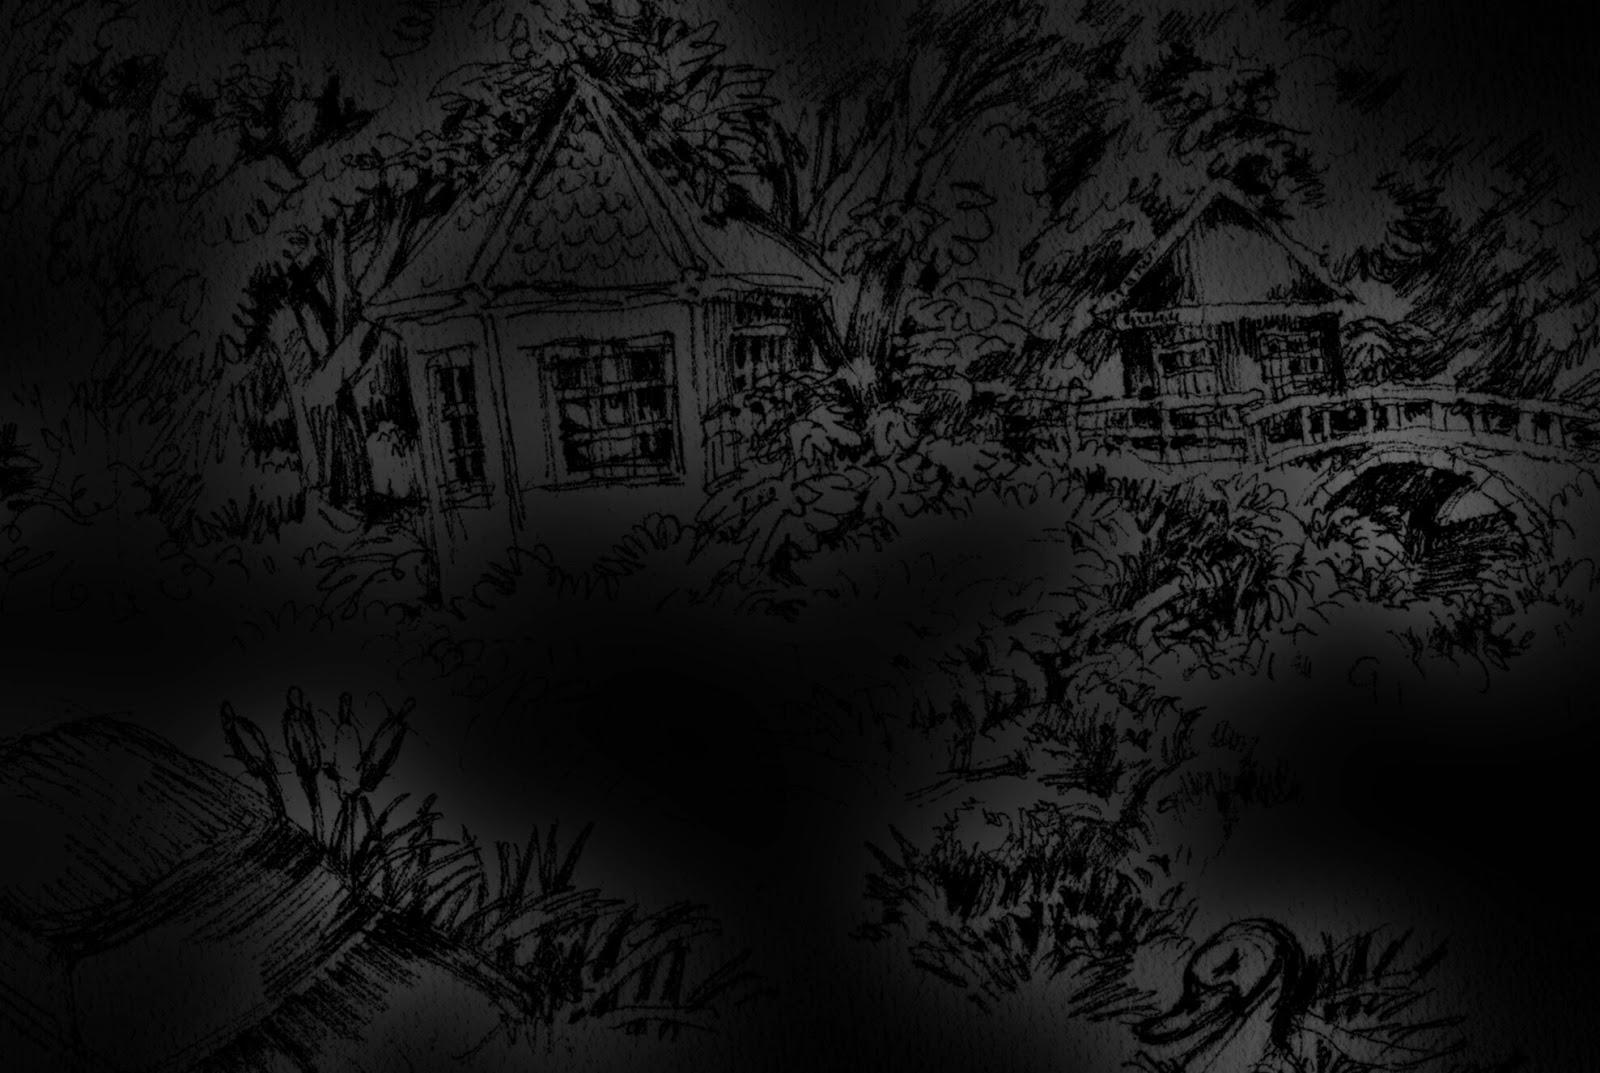 Kunst, Odenwald, Zeichnung, Nacht, Radierung, Bach, Ente, Deutschland, Odenwaldschule, gespenstisch, Schatten, Dämmerung, dämmert, Ufer, Hütte, Brücke